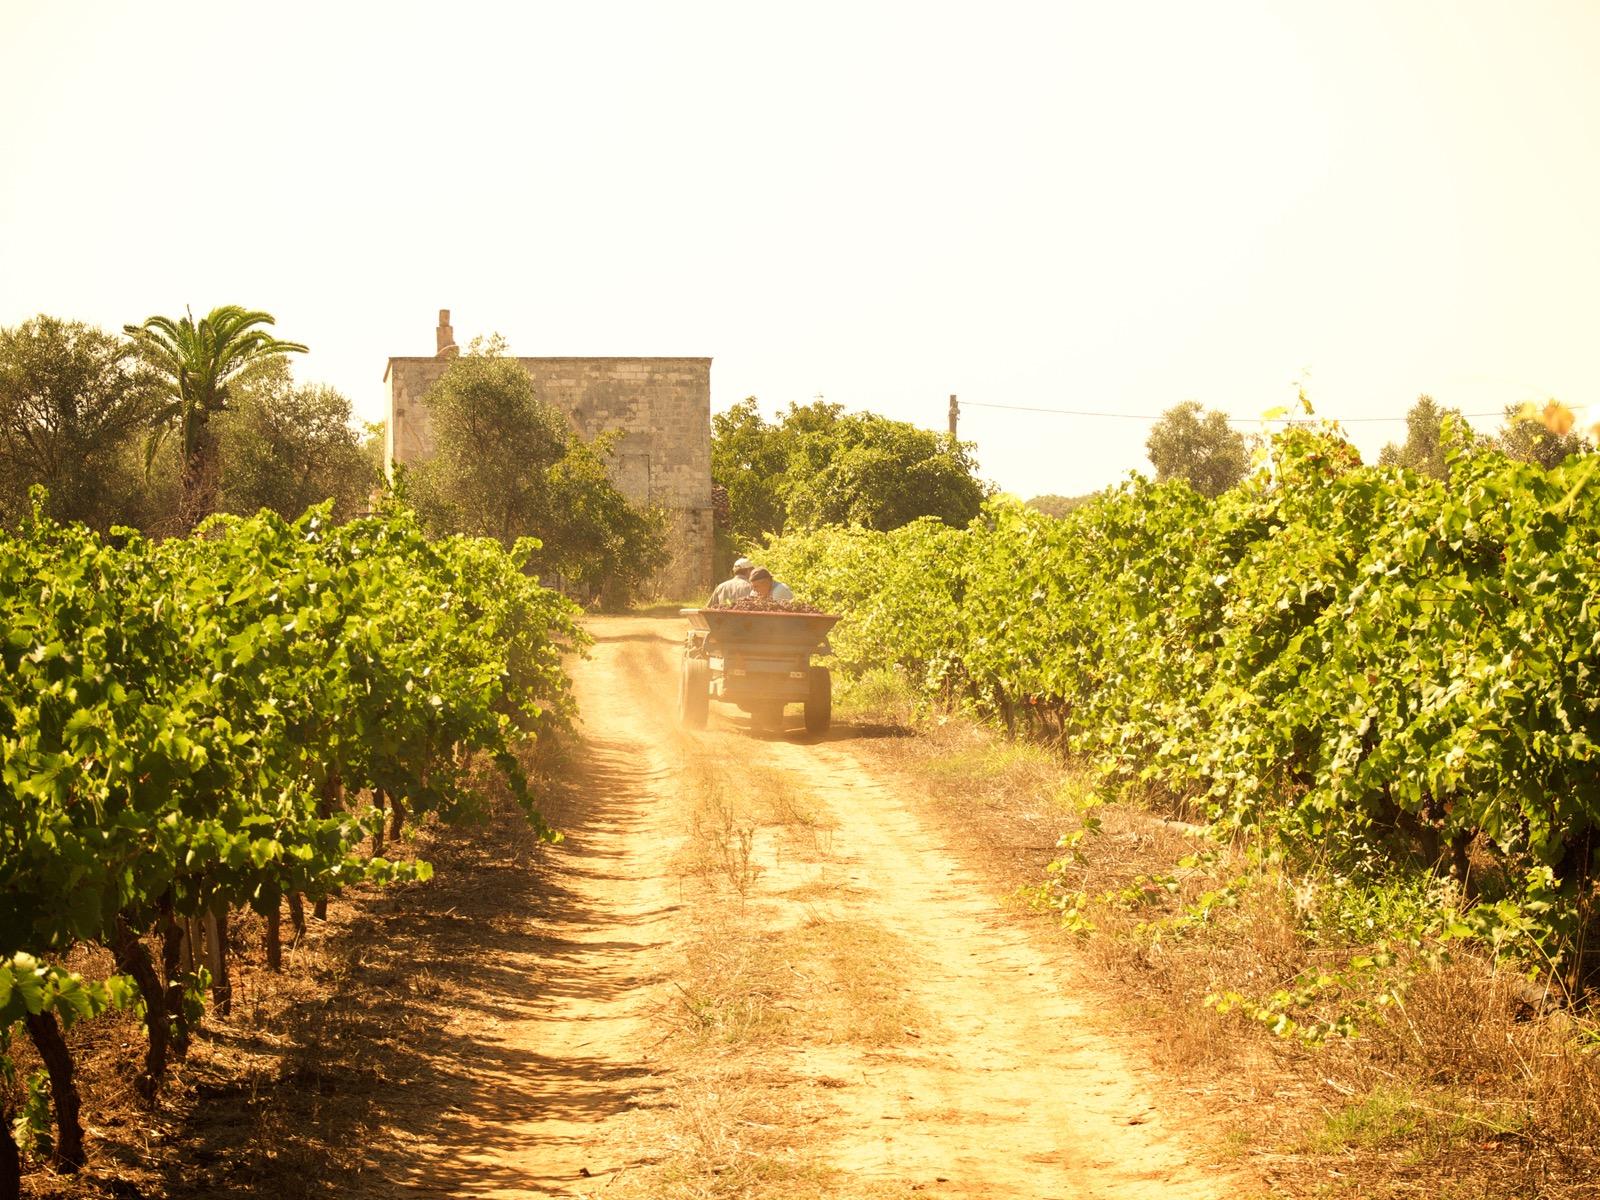 Vendemmia Vinoli 2015 - 18